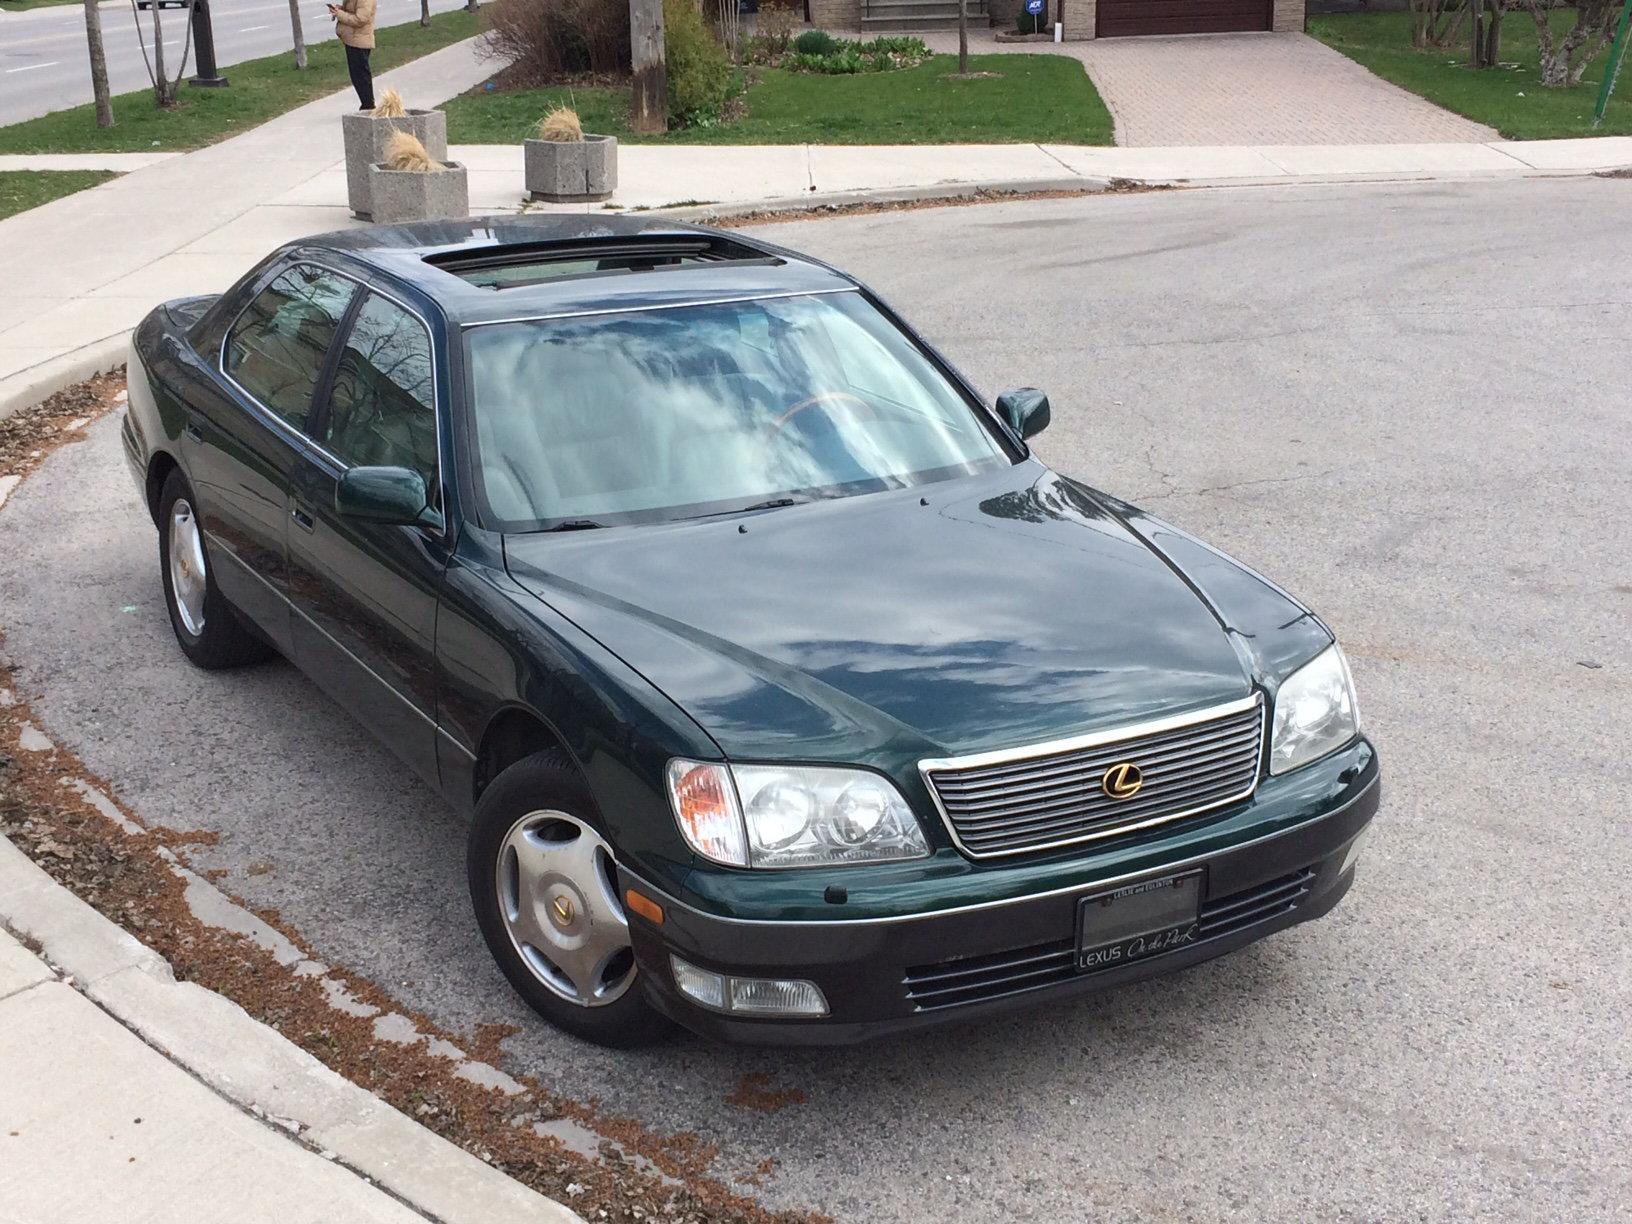 Post Up Recent Pixs Of YOUR Car (LS400s)